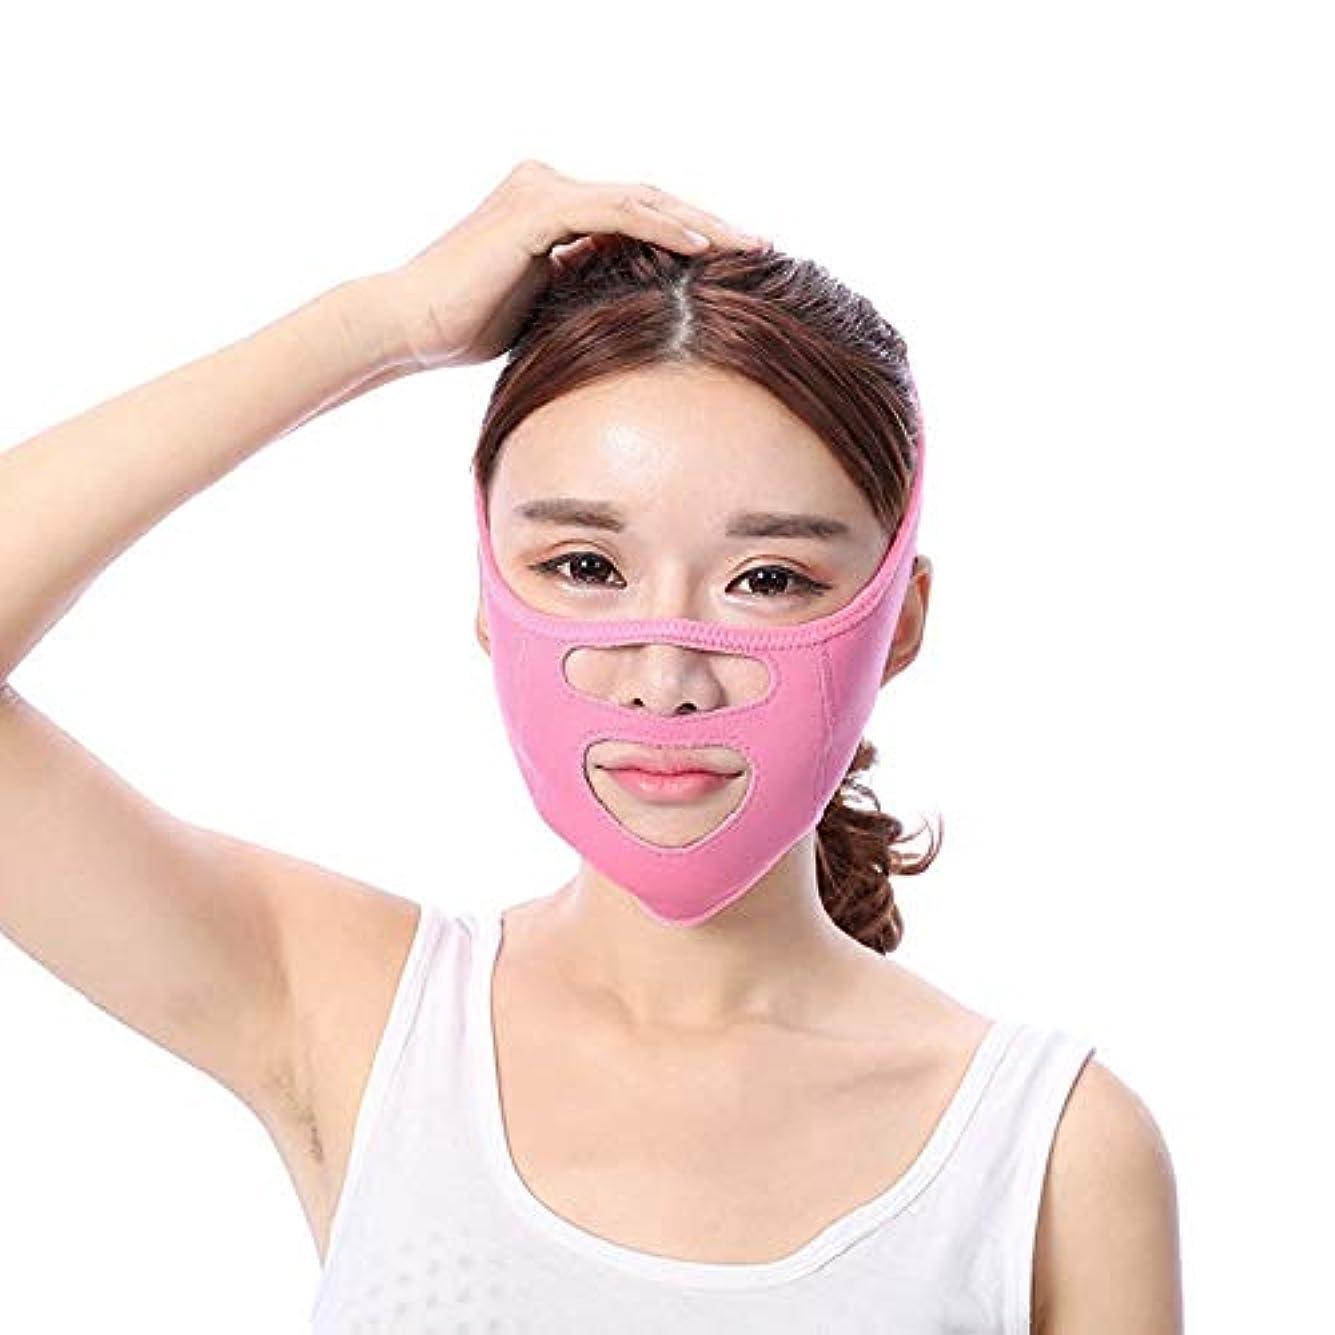 想起理容室神聖Jia Jia- 顔の持ち上がる痩身ベルト - あなたの顔のための素晴らしいトレーニング二重あごのワークアウトフェイスマスクベルト薄い顔包帯整形マスクは顔と首を締めますフェイススリム 顔面包帯